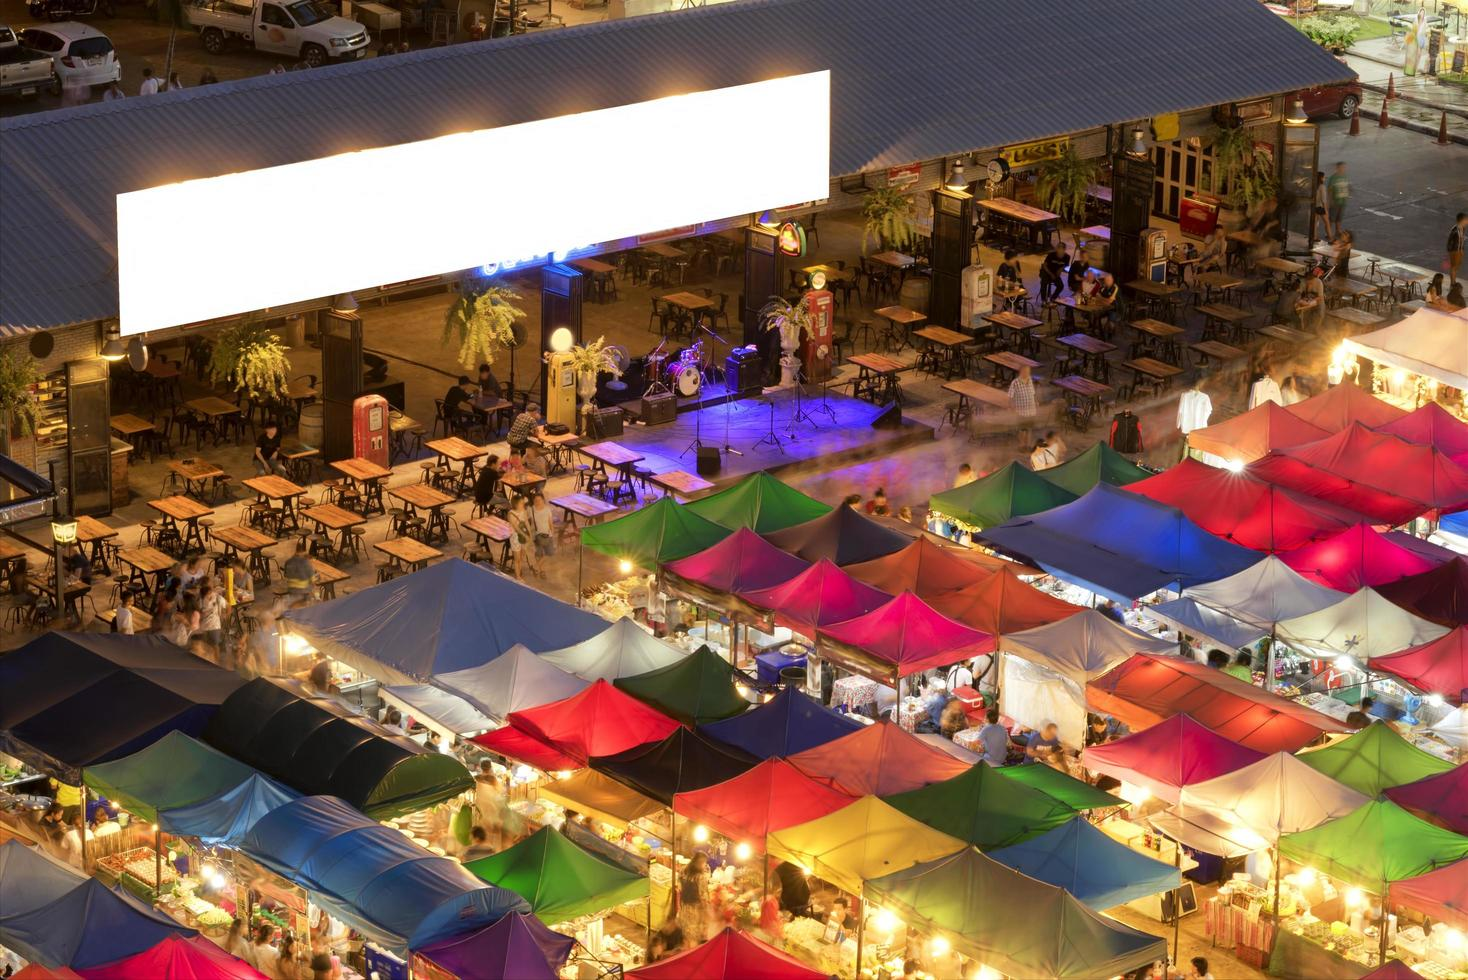 tende colorate e bar nel mercato notturno di Ratchada foto